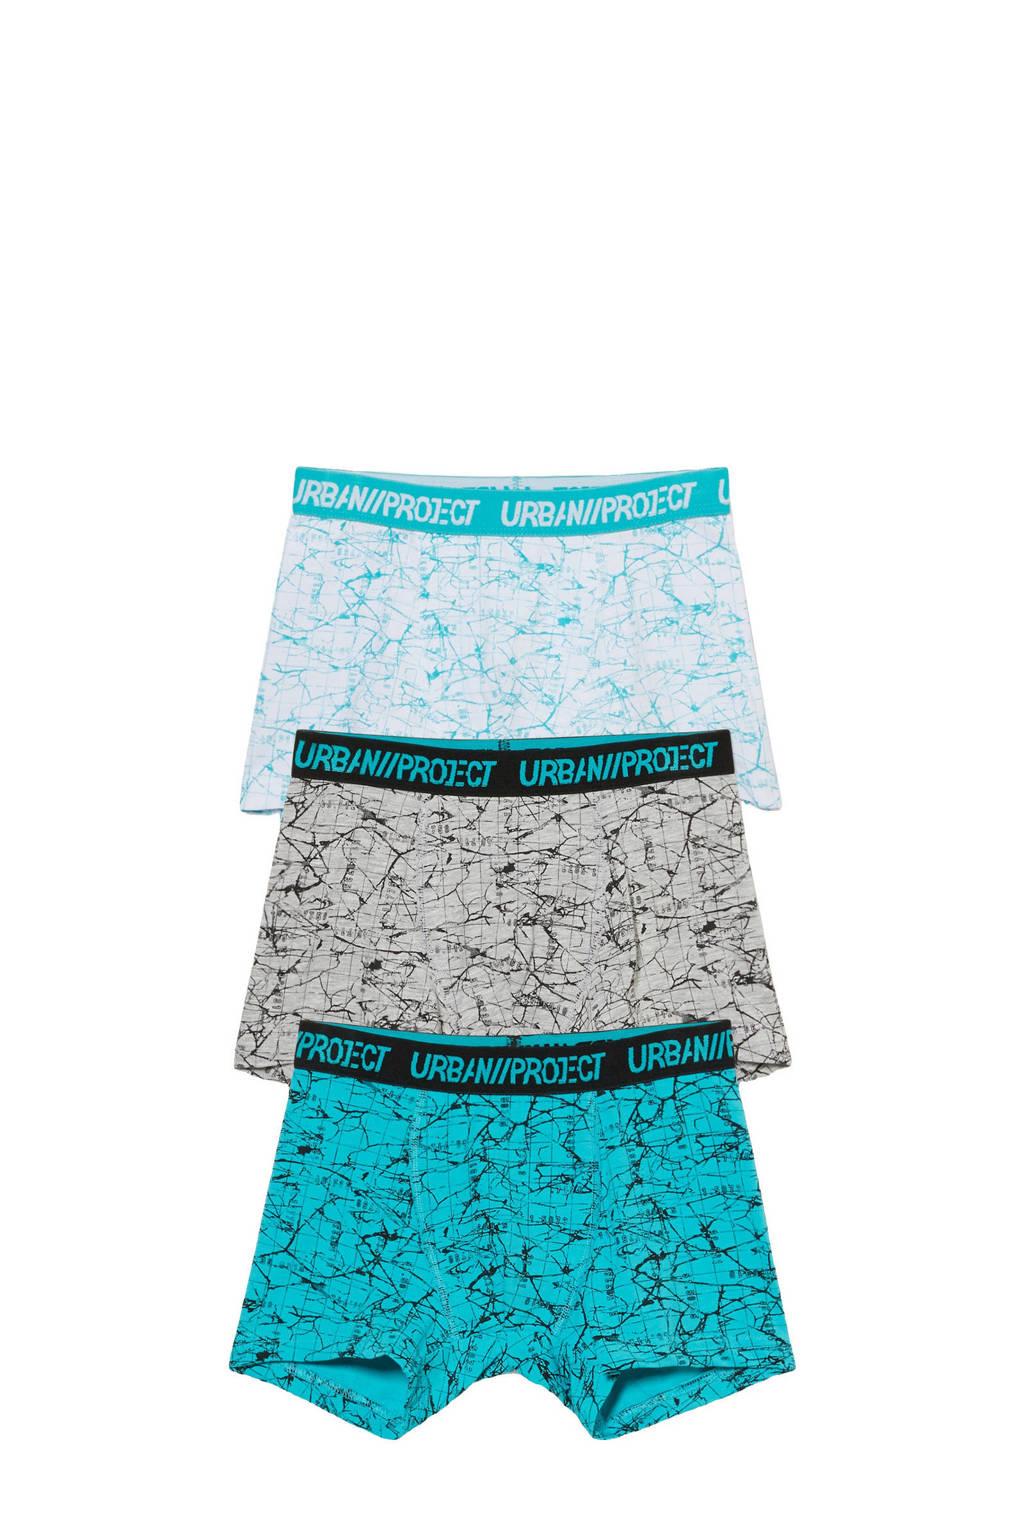 C&A Here & There   boxershort - set van 3 blauw/grijs, Grijs/blauw